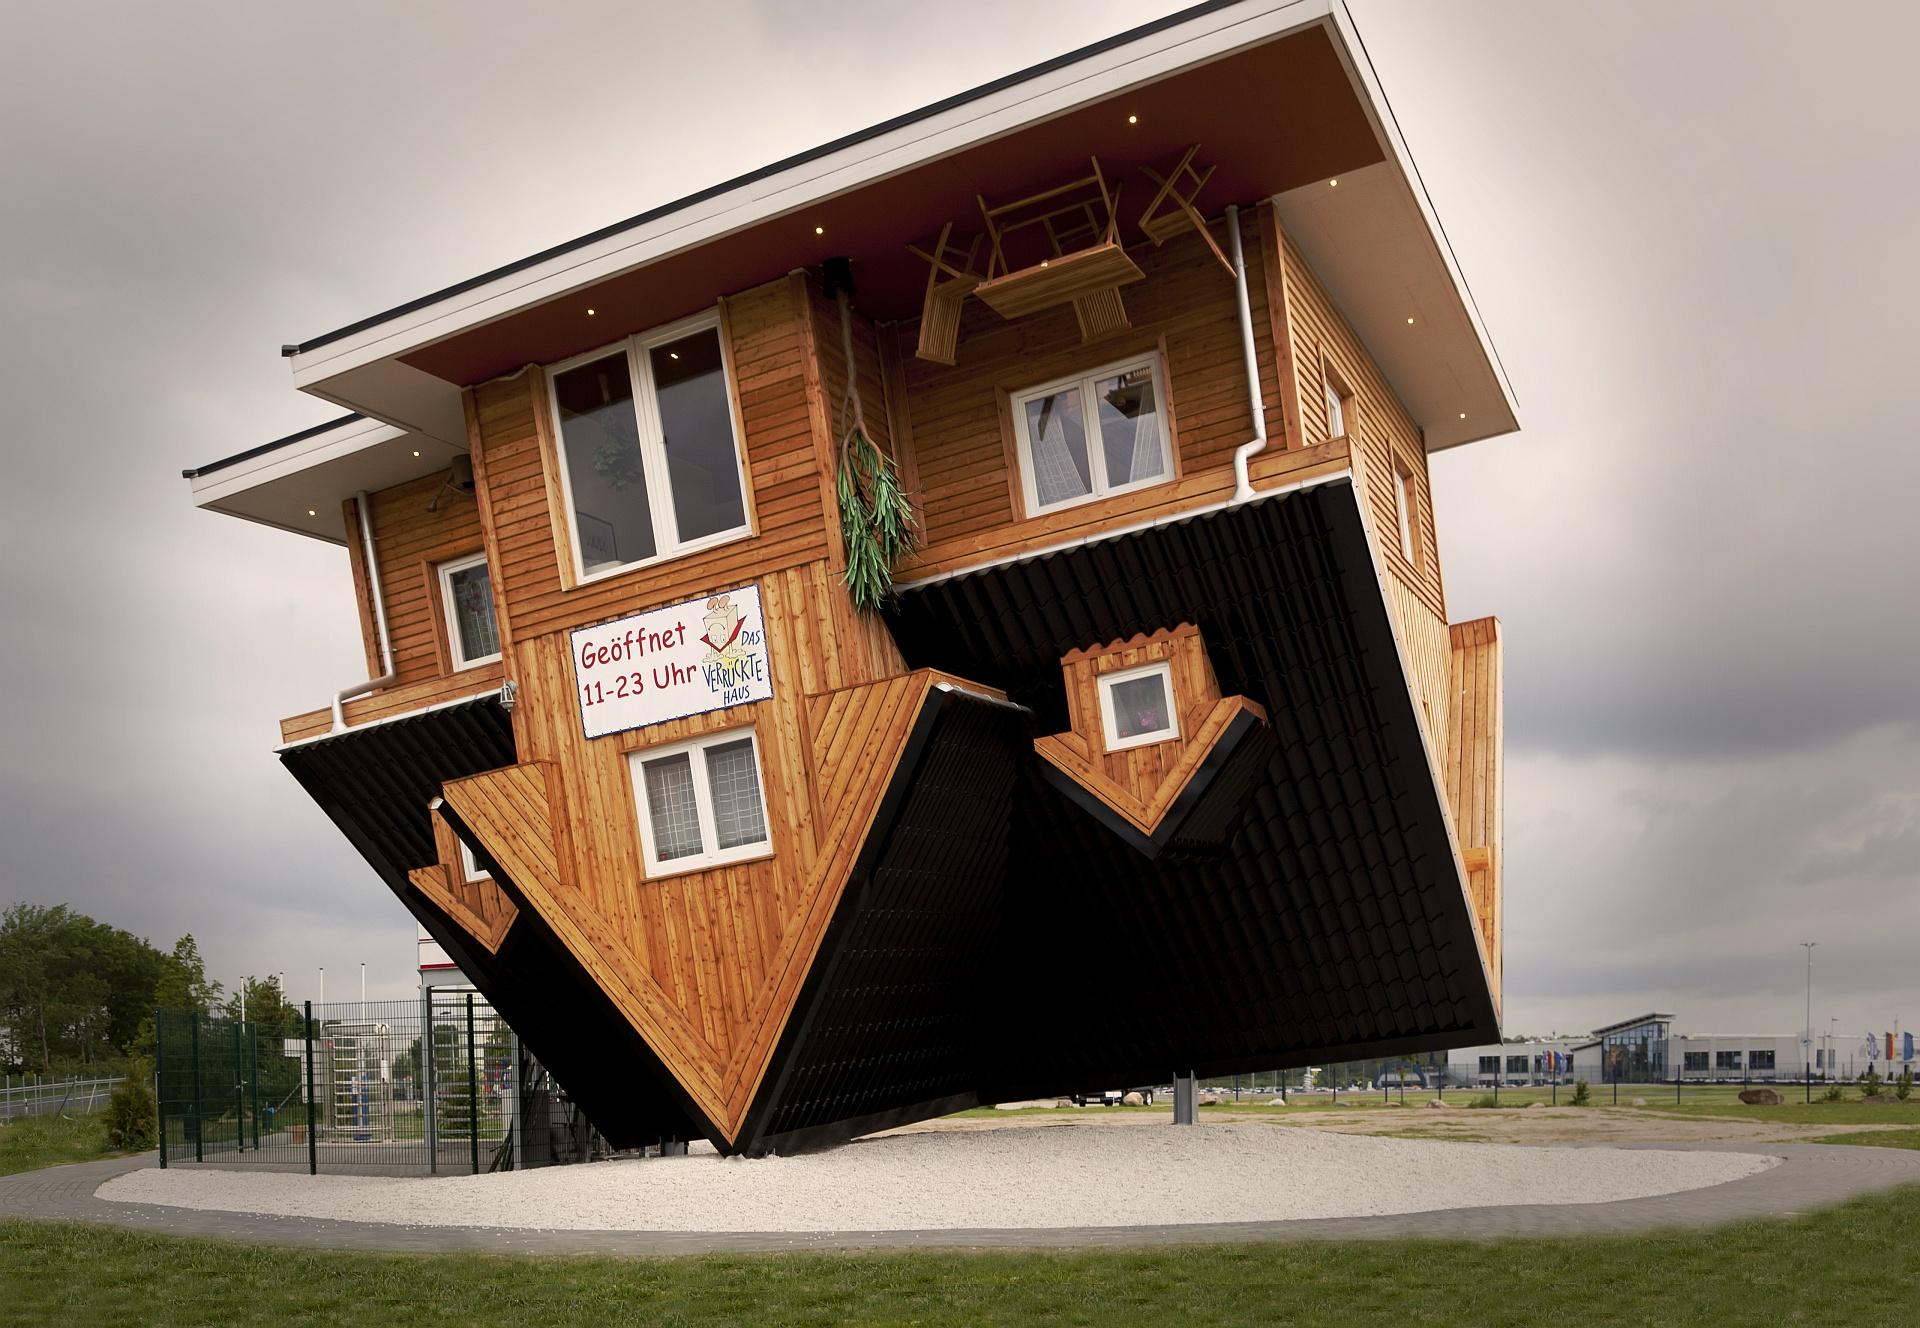 bilder von bauwerken geb uden und architekturfotos. Black Bedroom Furniture Sets. Home Design Ideas